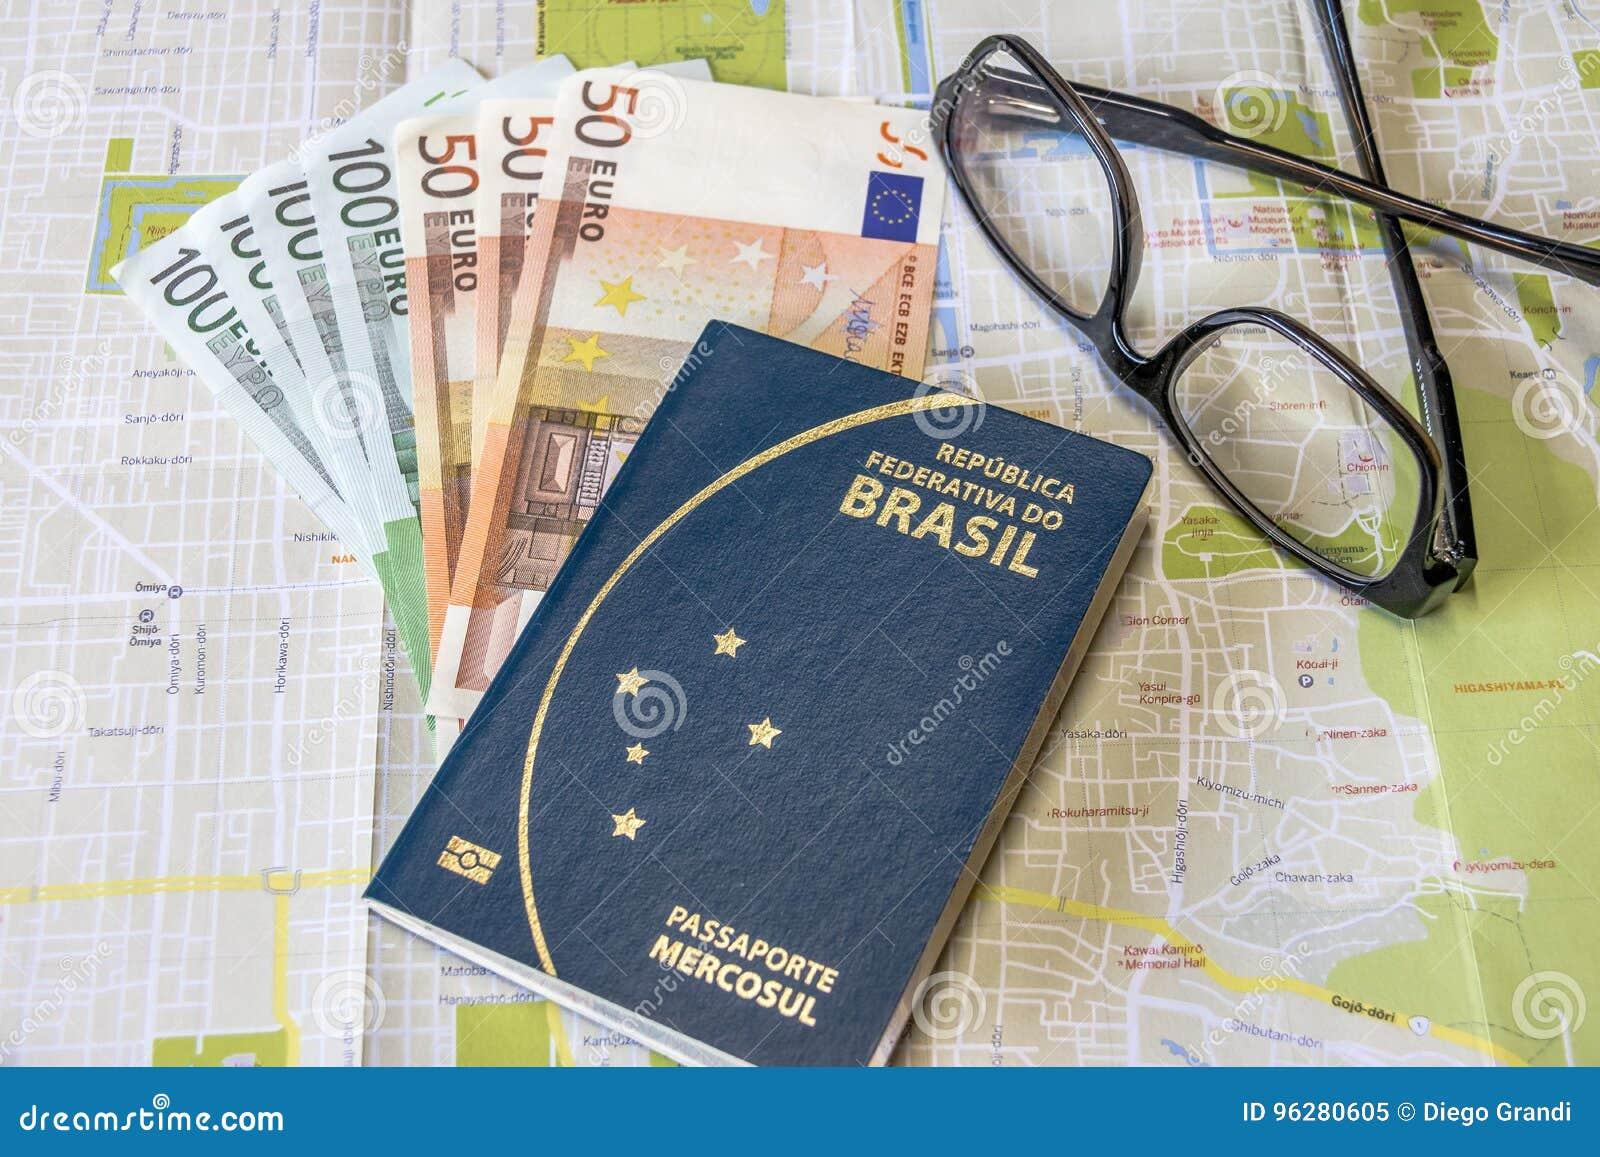 Planeando un viaje - el pasaporte brasileño en mapa de la ciudad con euro carga en cuenta el dinero y los vidrios